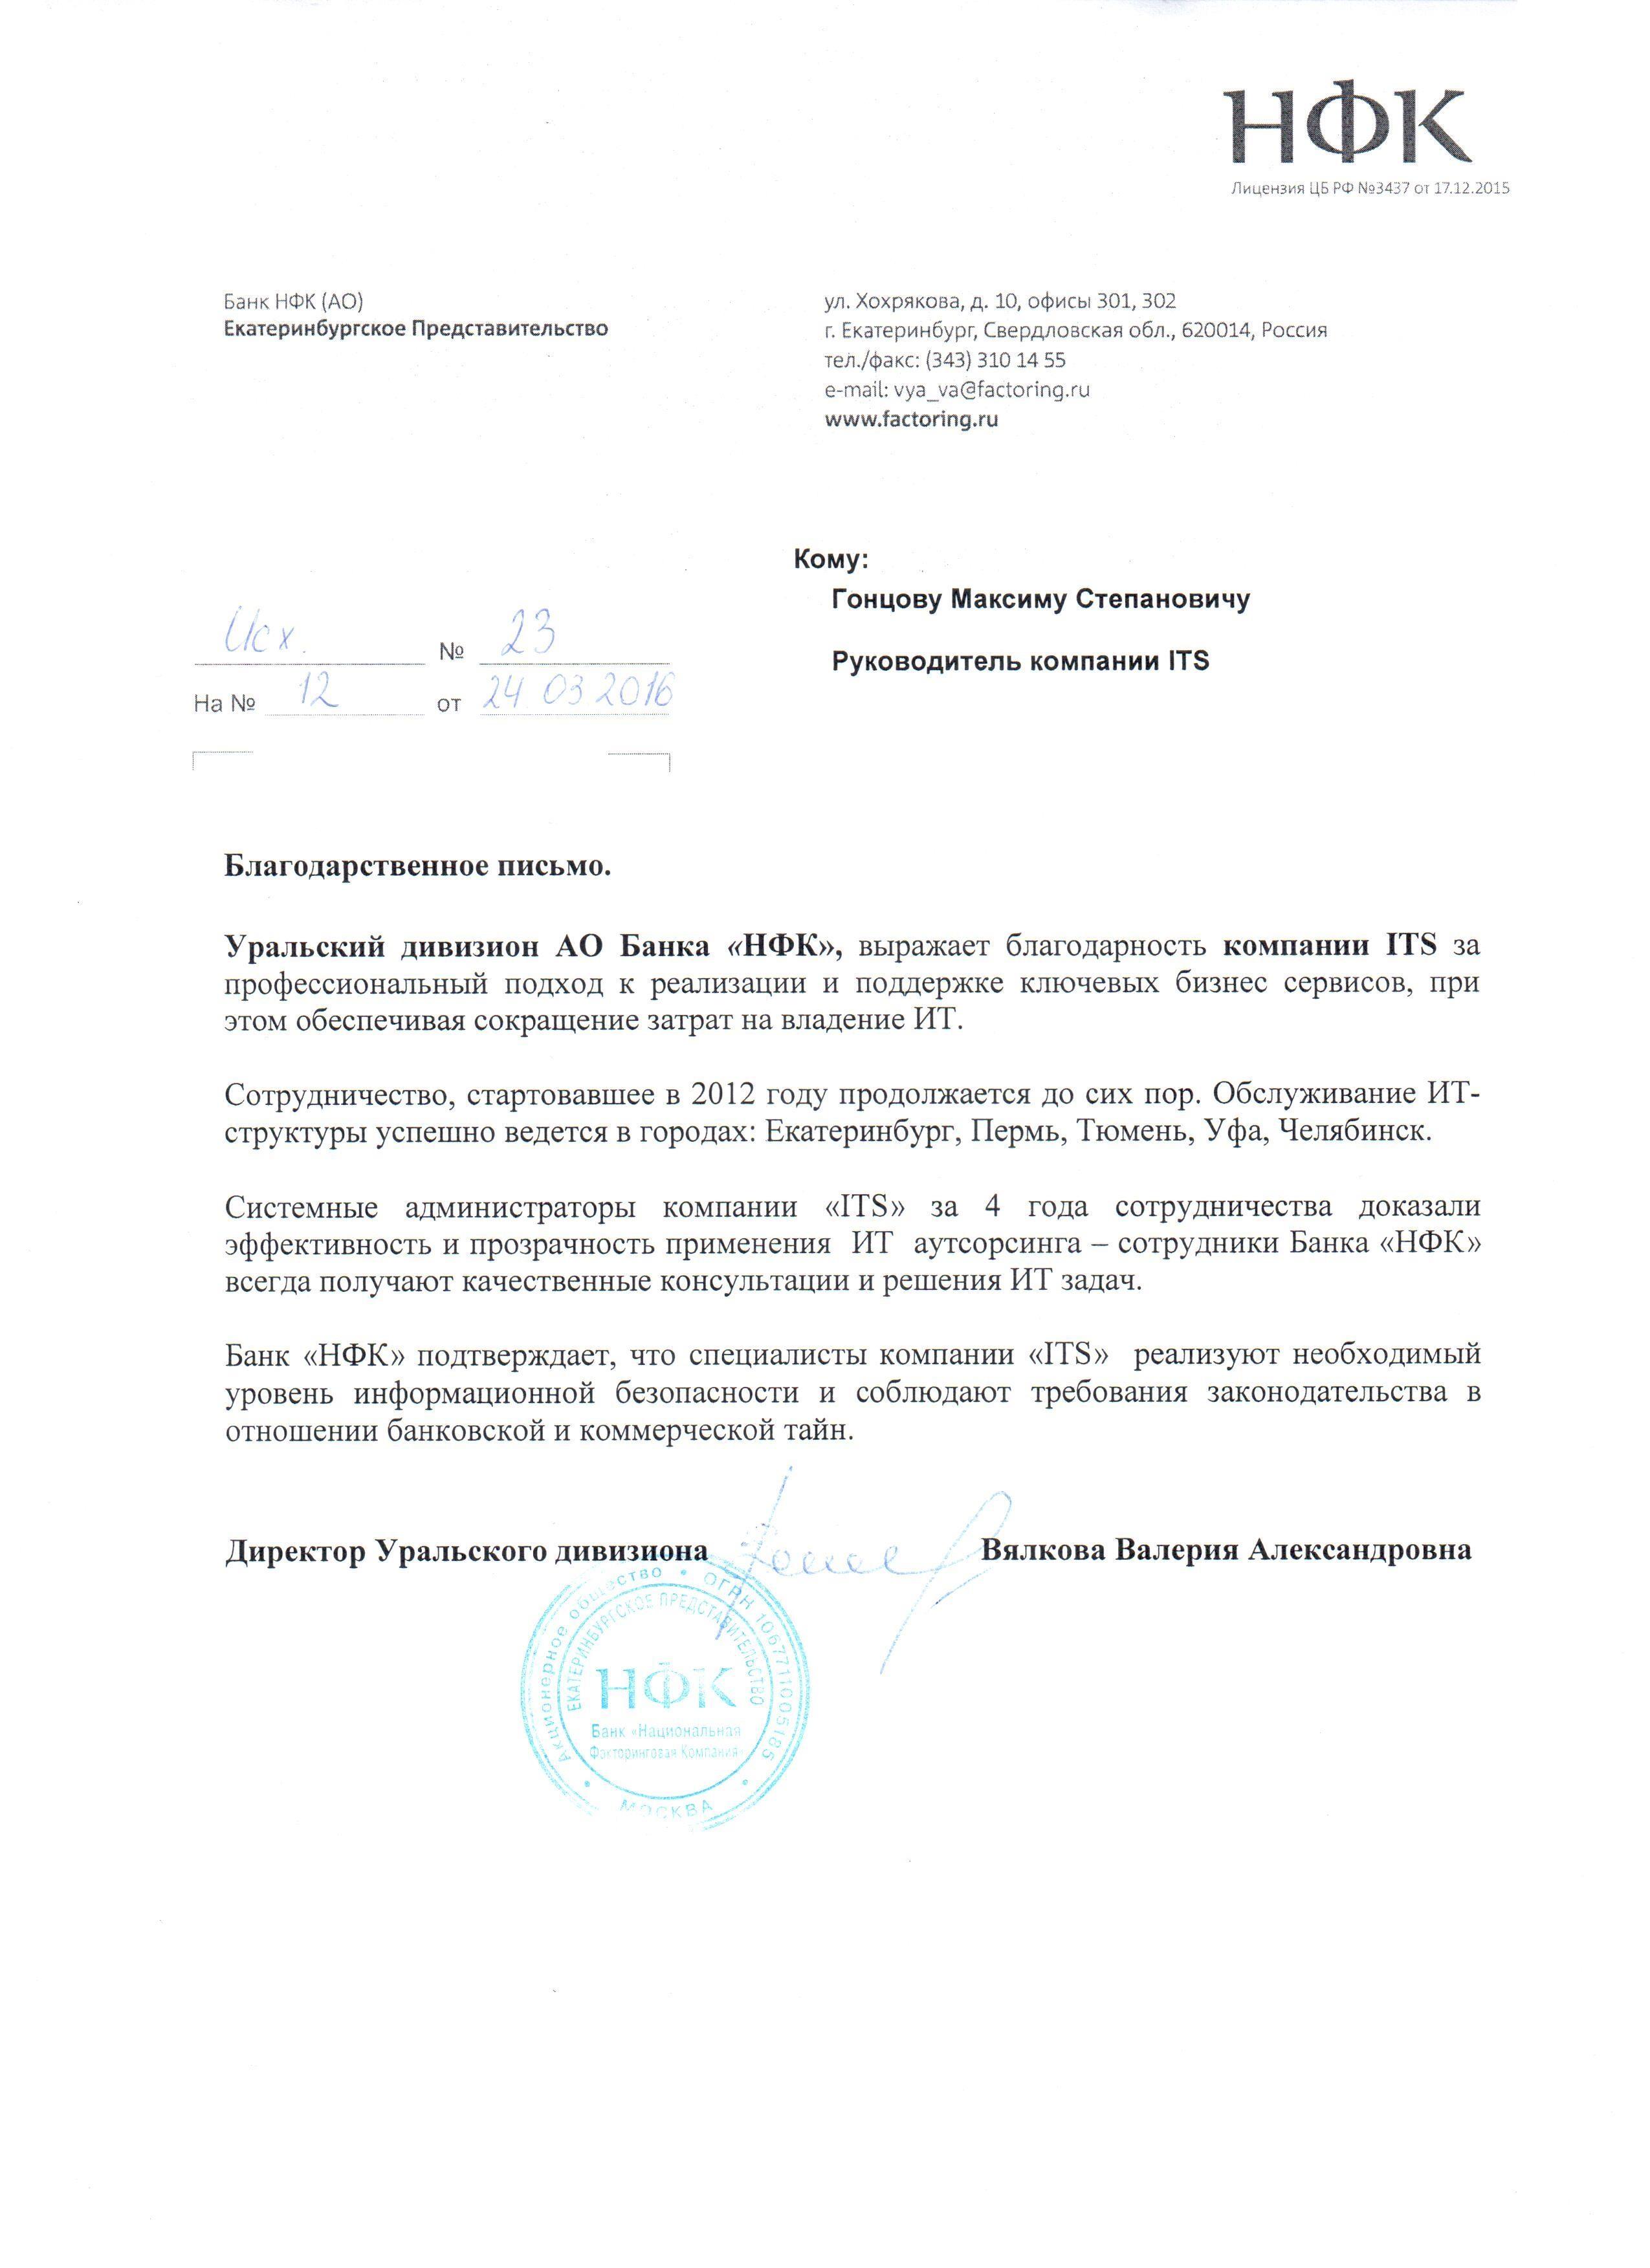 Отзыв об ИТ-аутсорсинге банка НФК